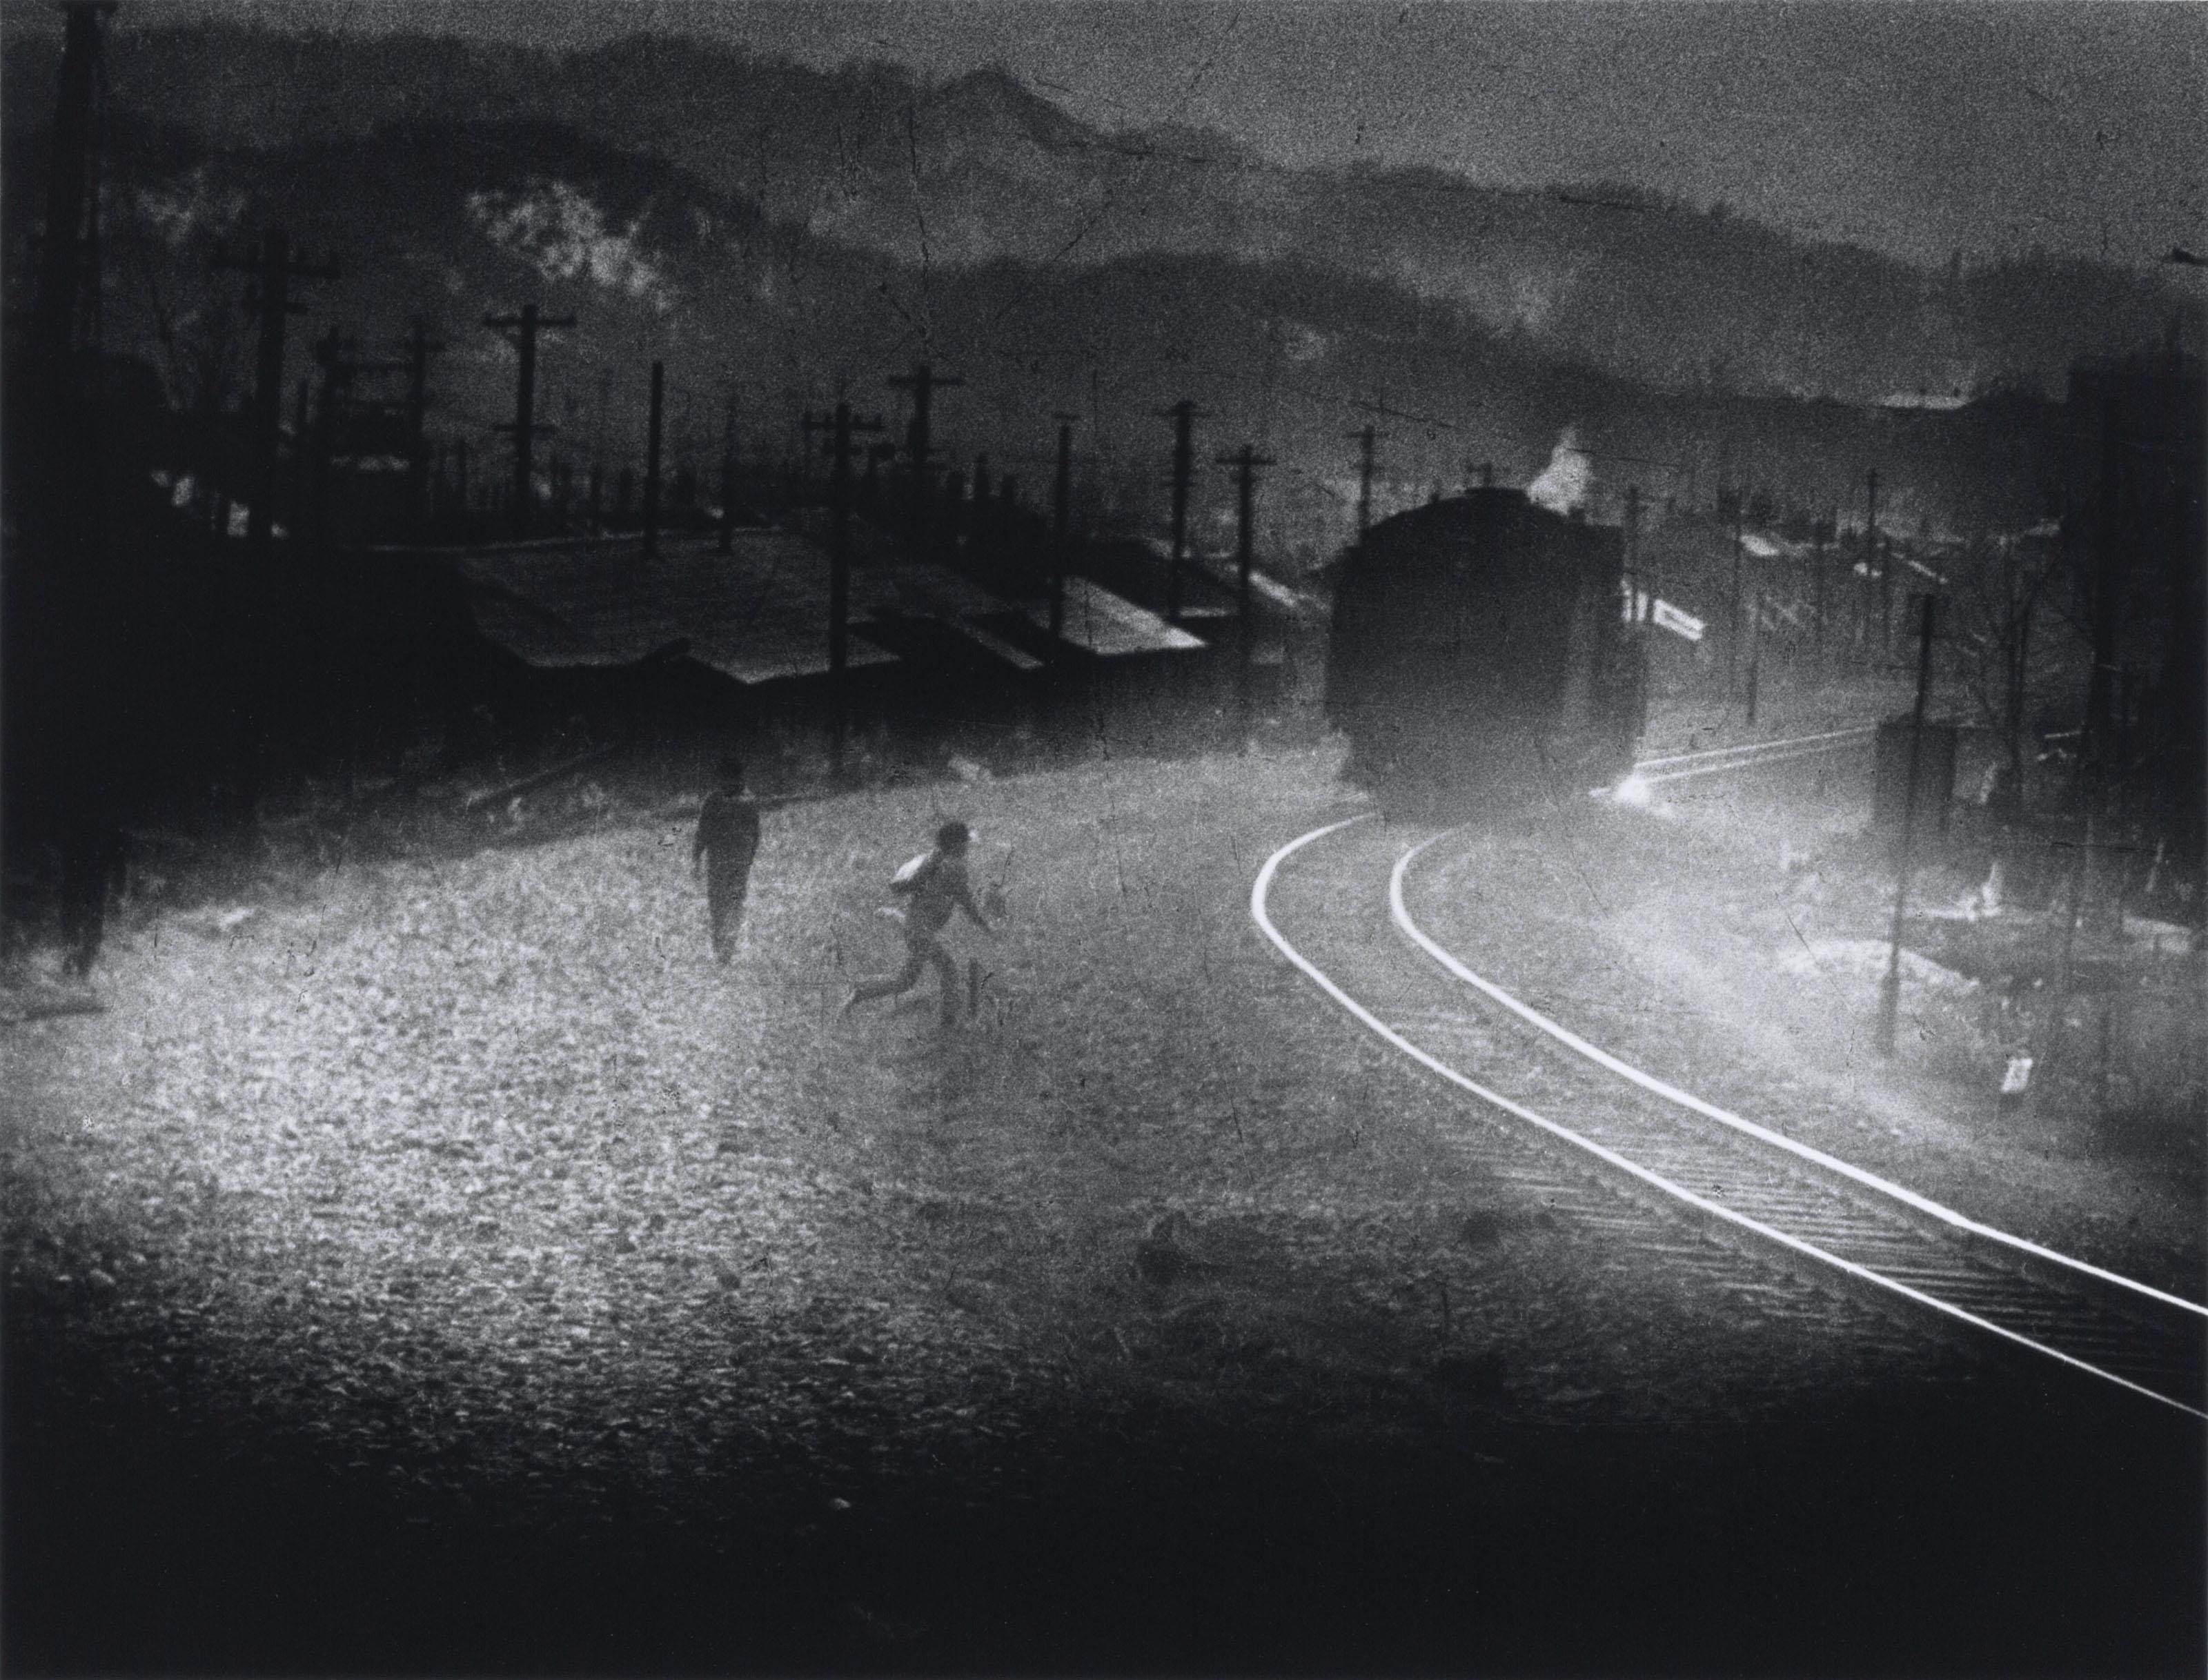 DAIDO MORIYAMA (B. 1938)